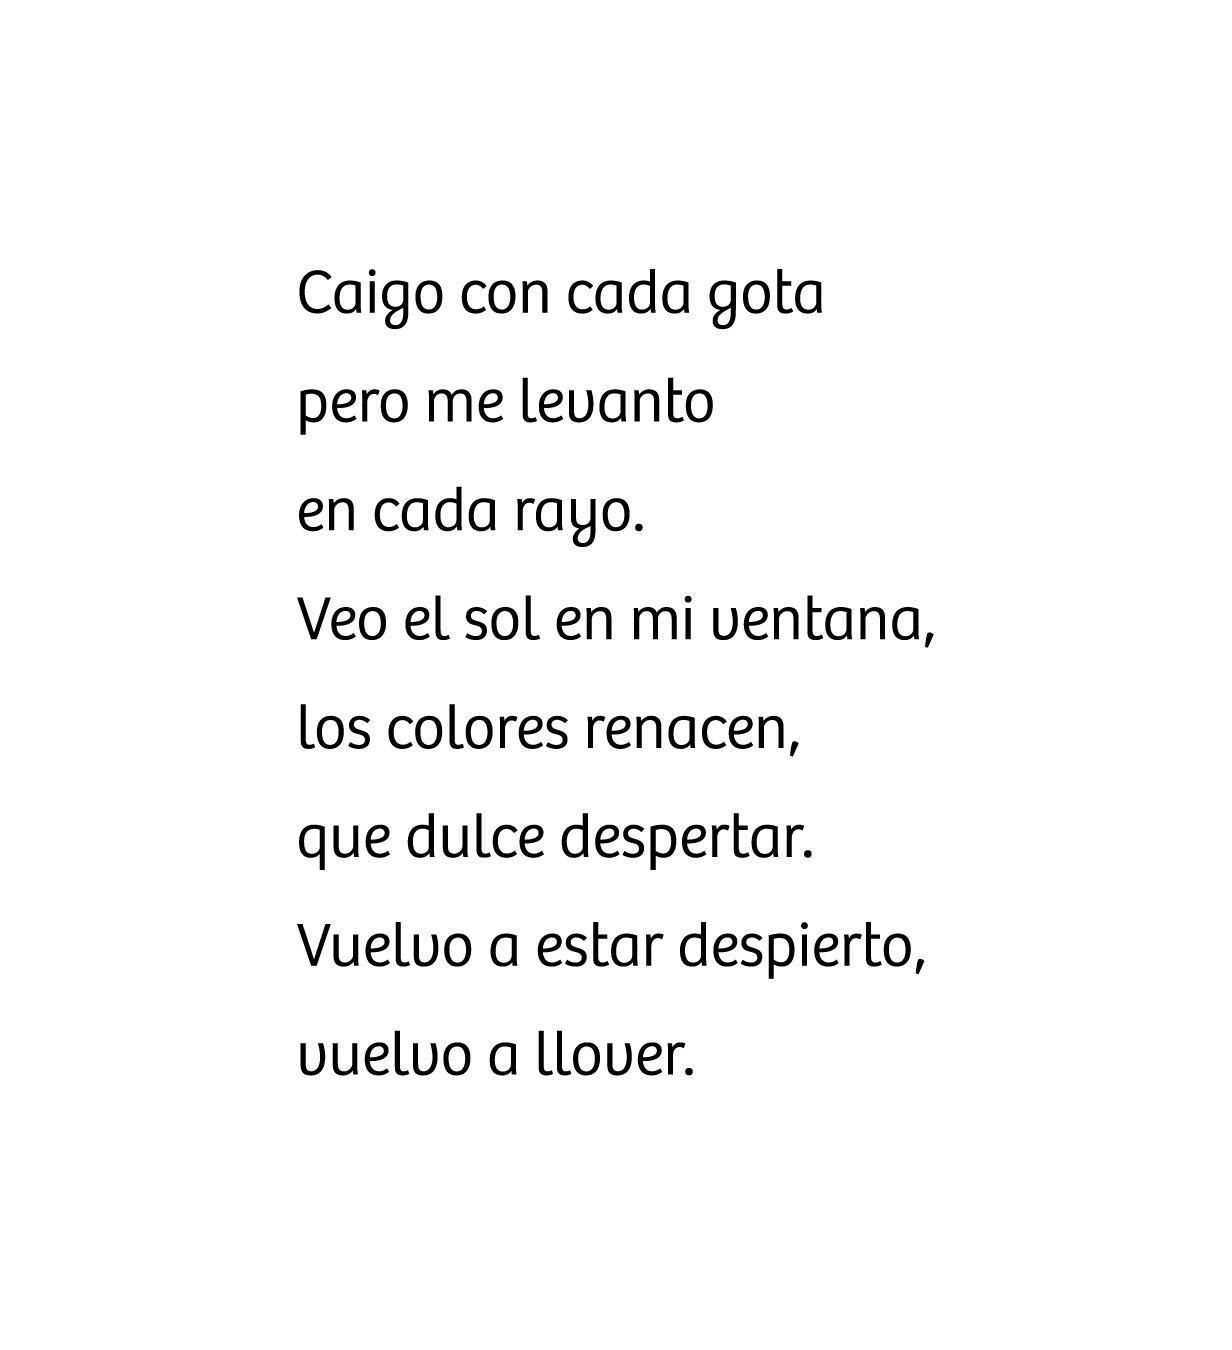 Llover.